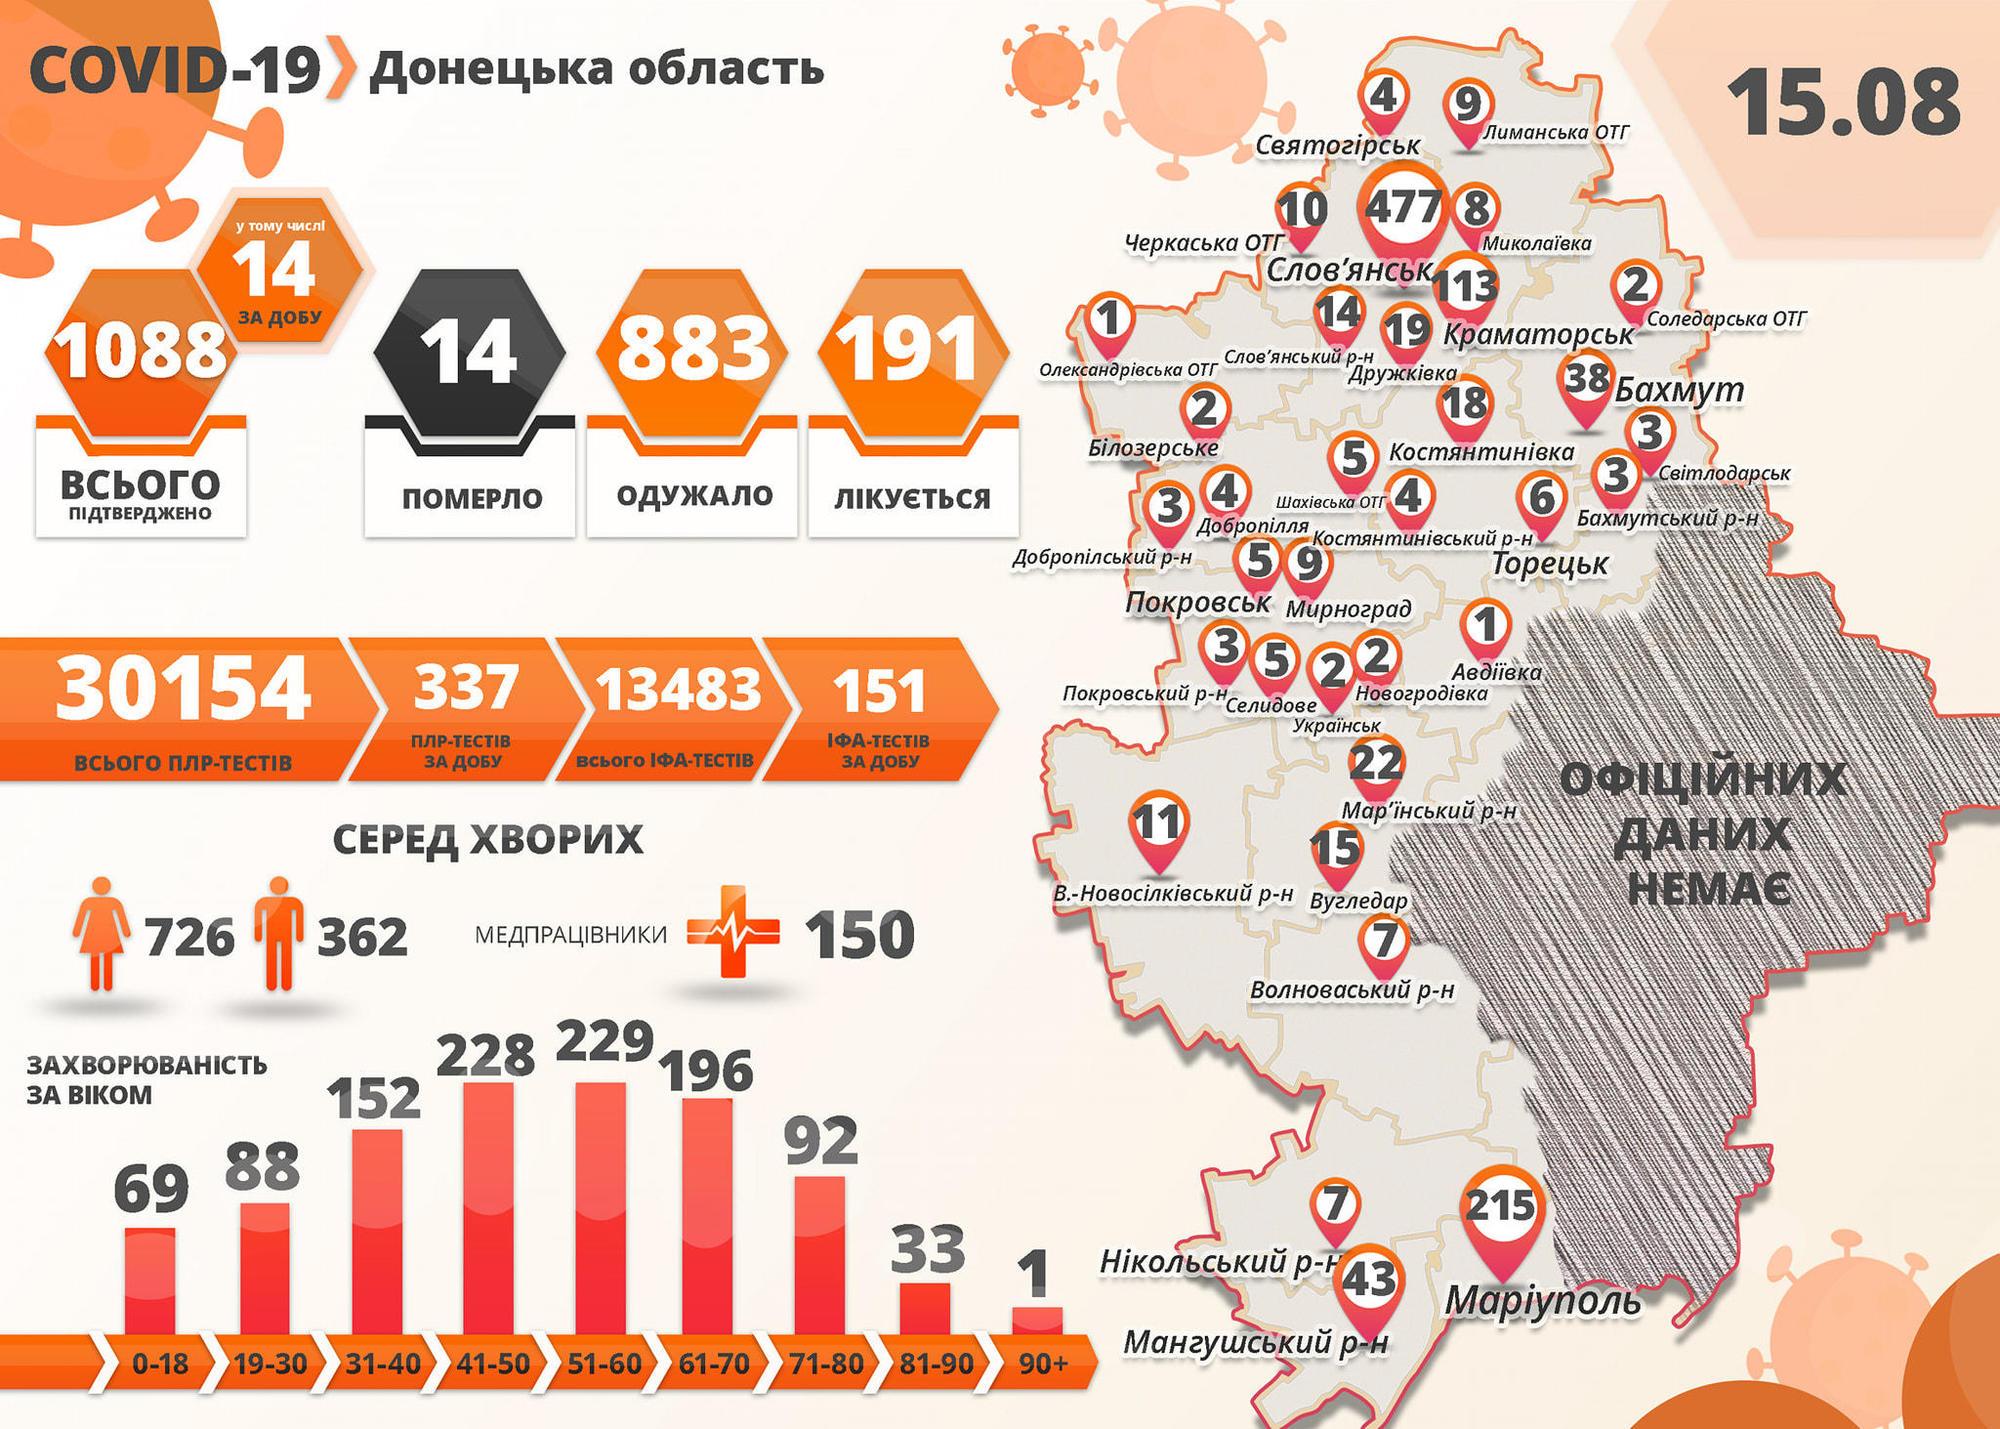 COVID-19: в Украине 1637 новых больных, из них 14 – жители подконтрольной Донетчины